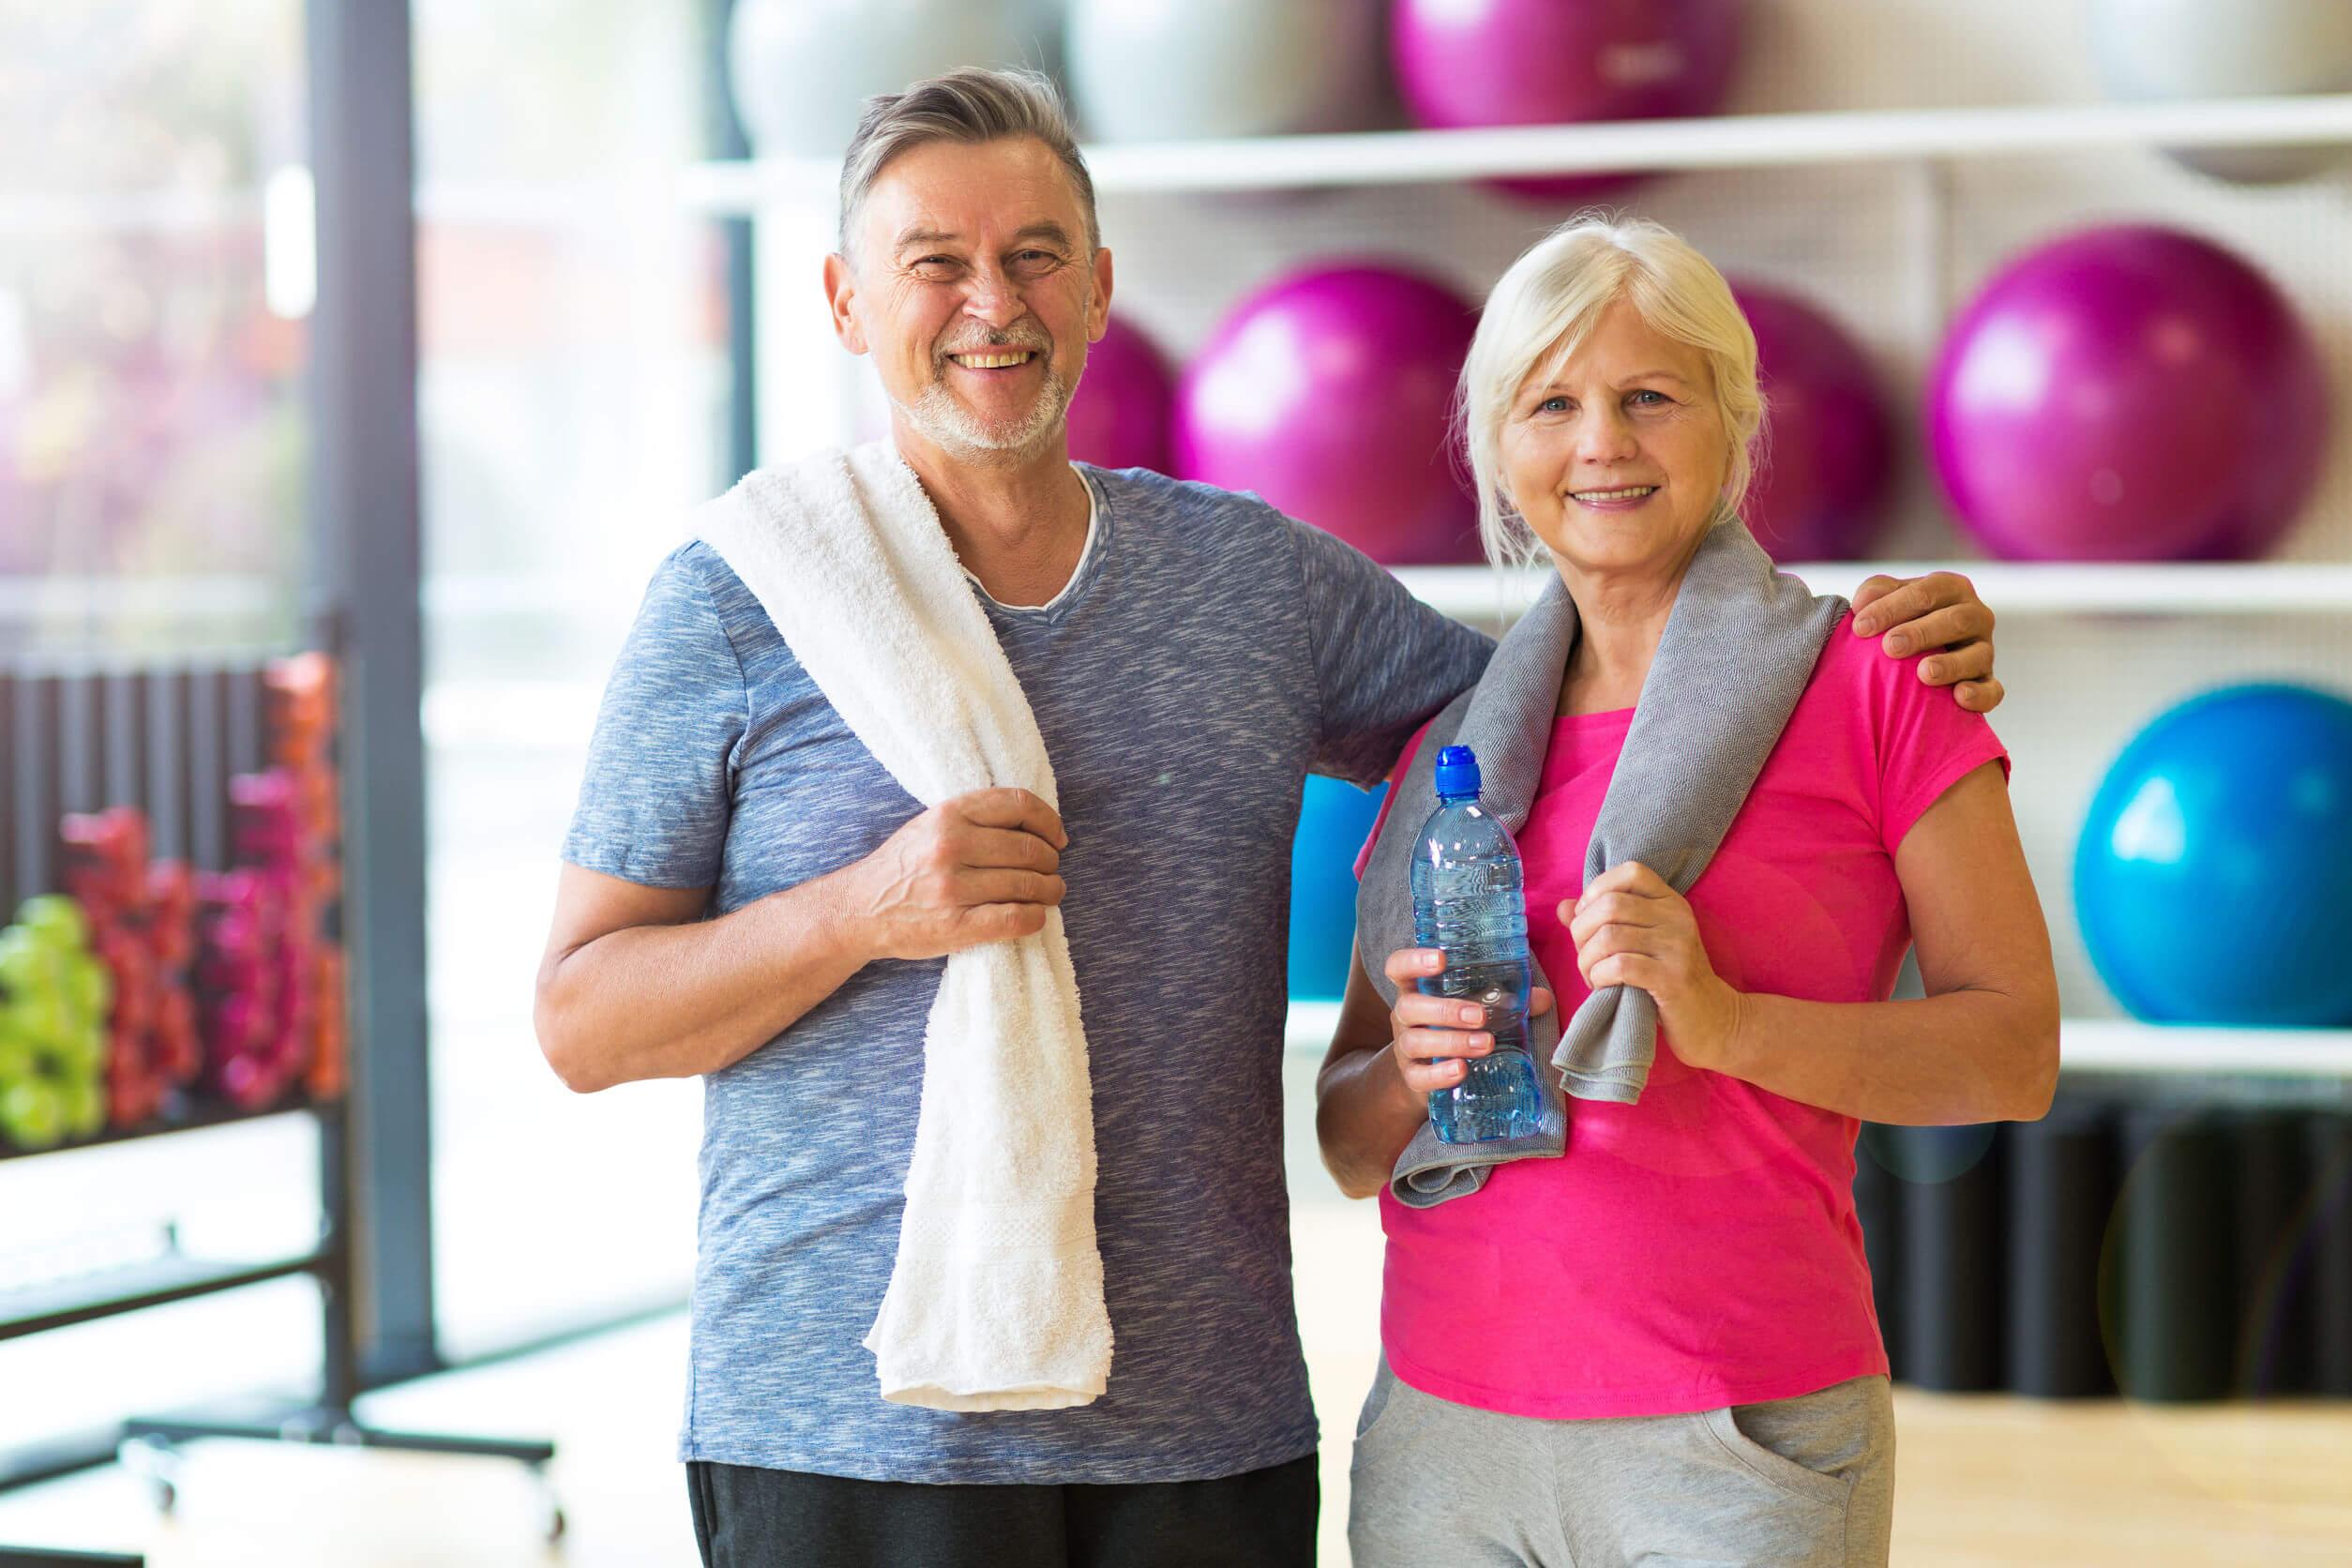 Hacer ejercicio después de los 50 es un excelente hábito para mantener un buen estado de salud.